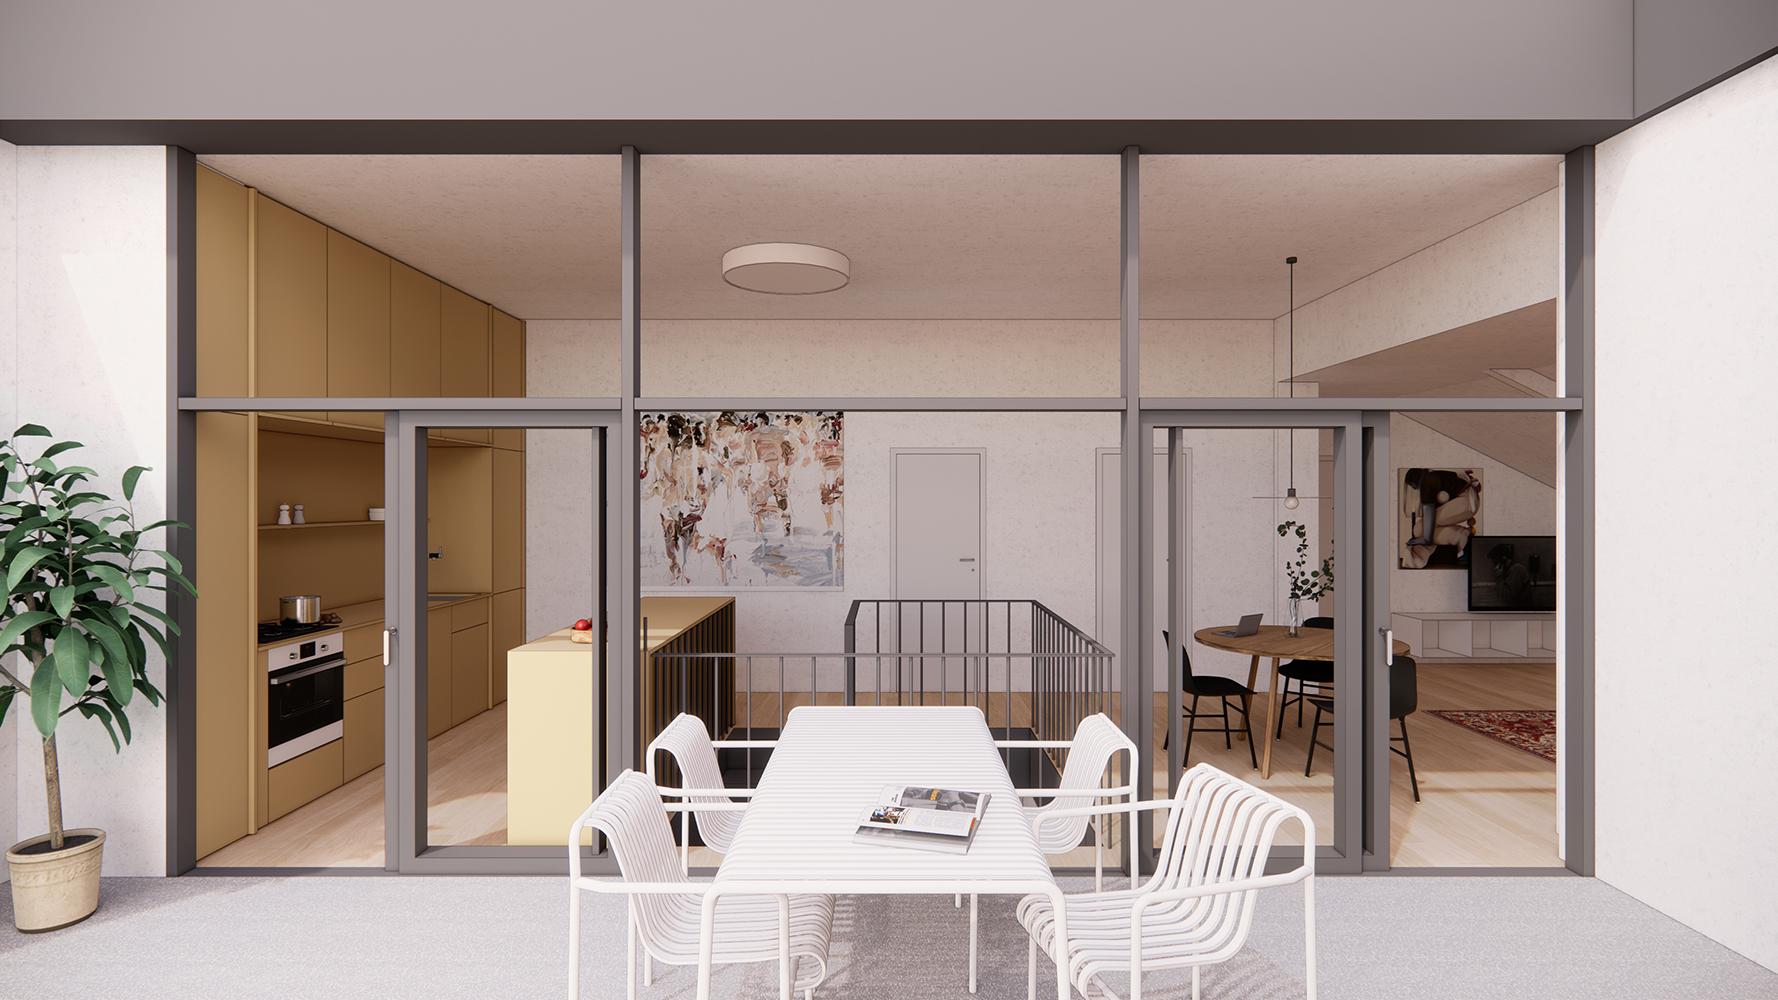 noiz-architekti-bratislava-lazaretska-rekonstrukcia-14